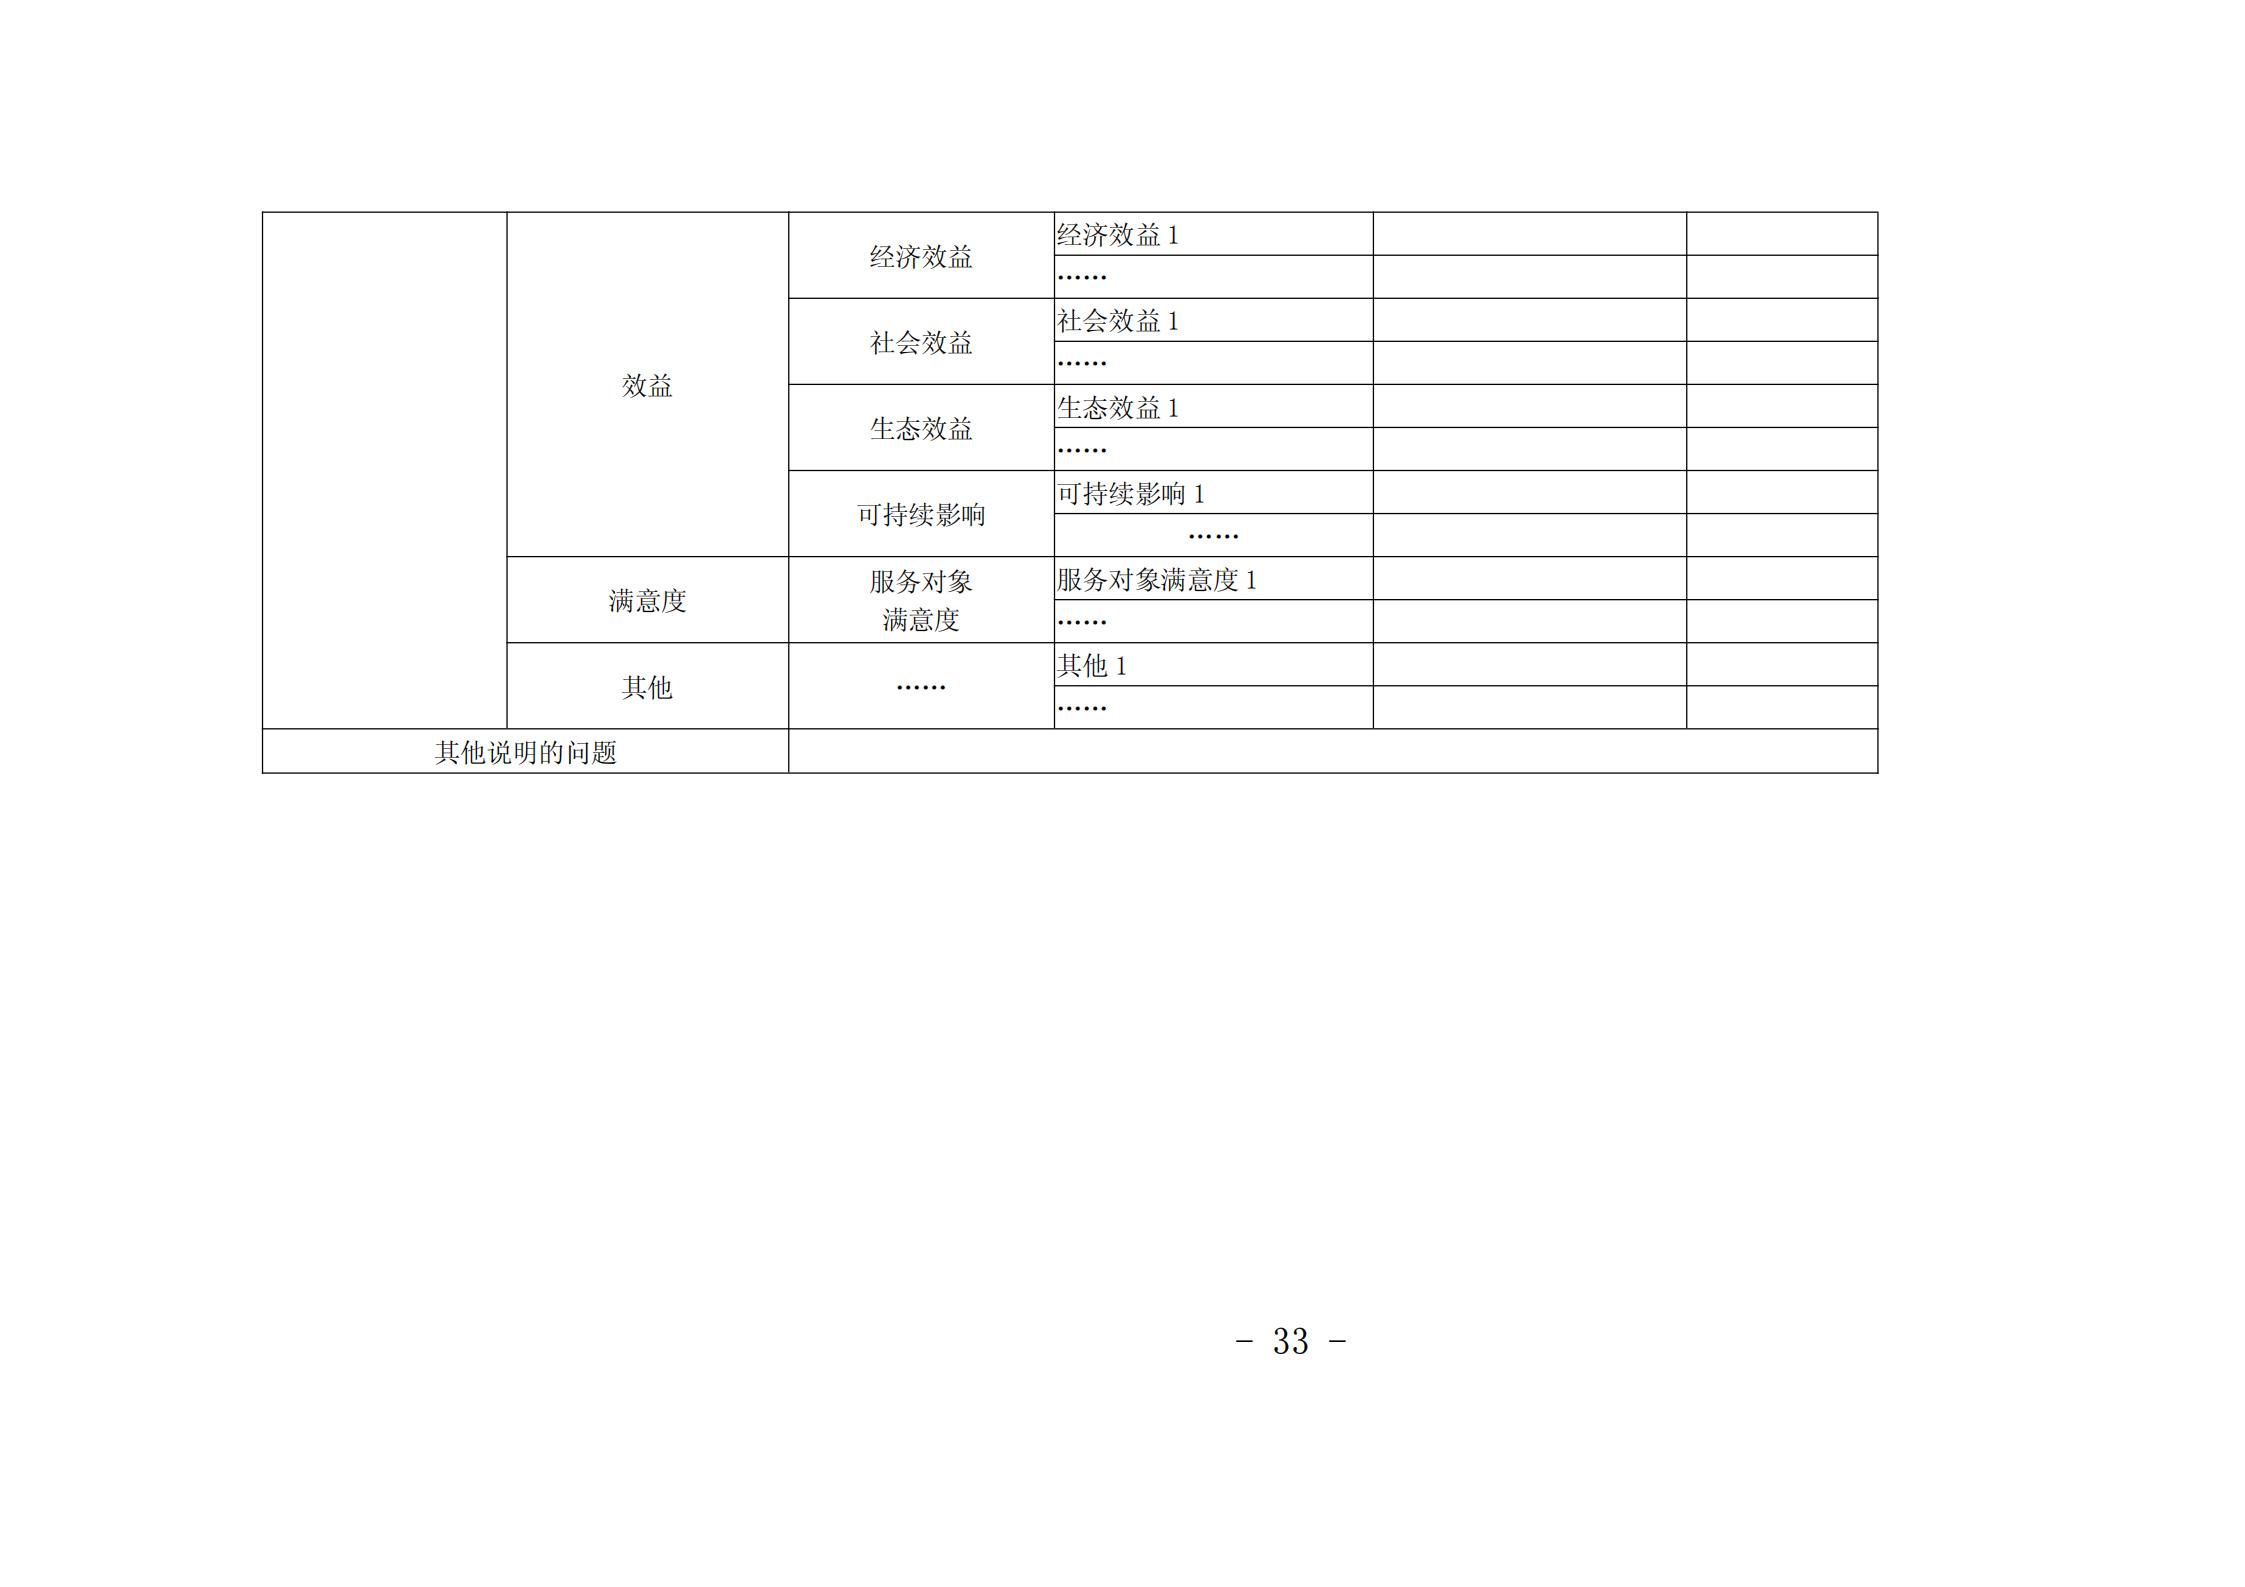 """贵阳市青少年宫2021年度市级部门预算、""""三公""""经费预算公开说明_32.png"""